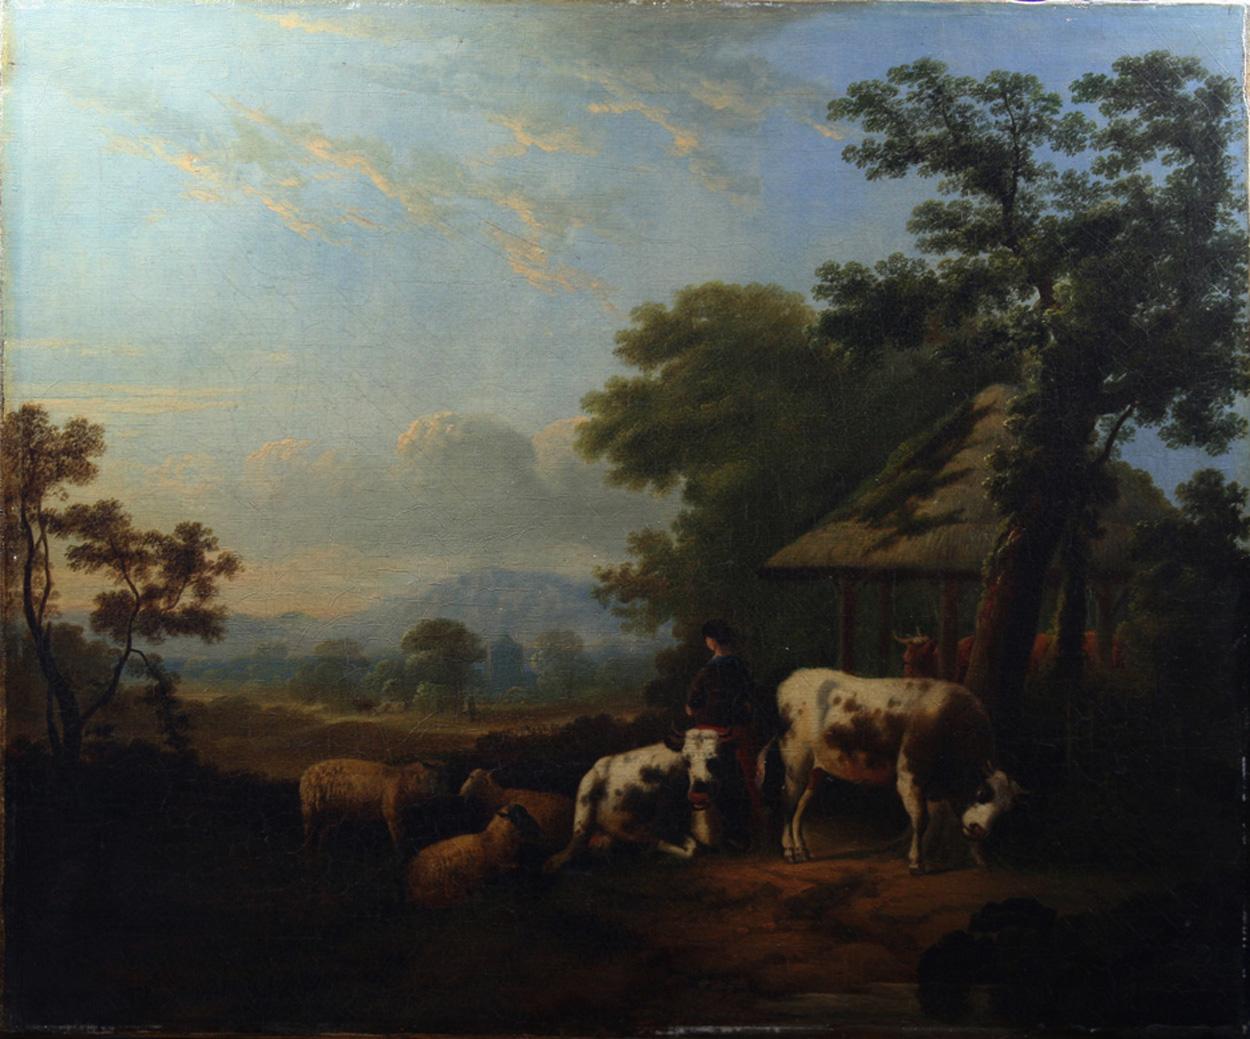 Arkadische Landschaft, 2. H. 18. Jh.